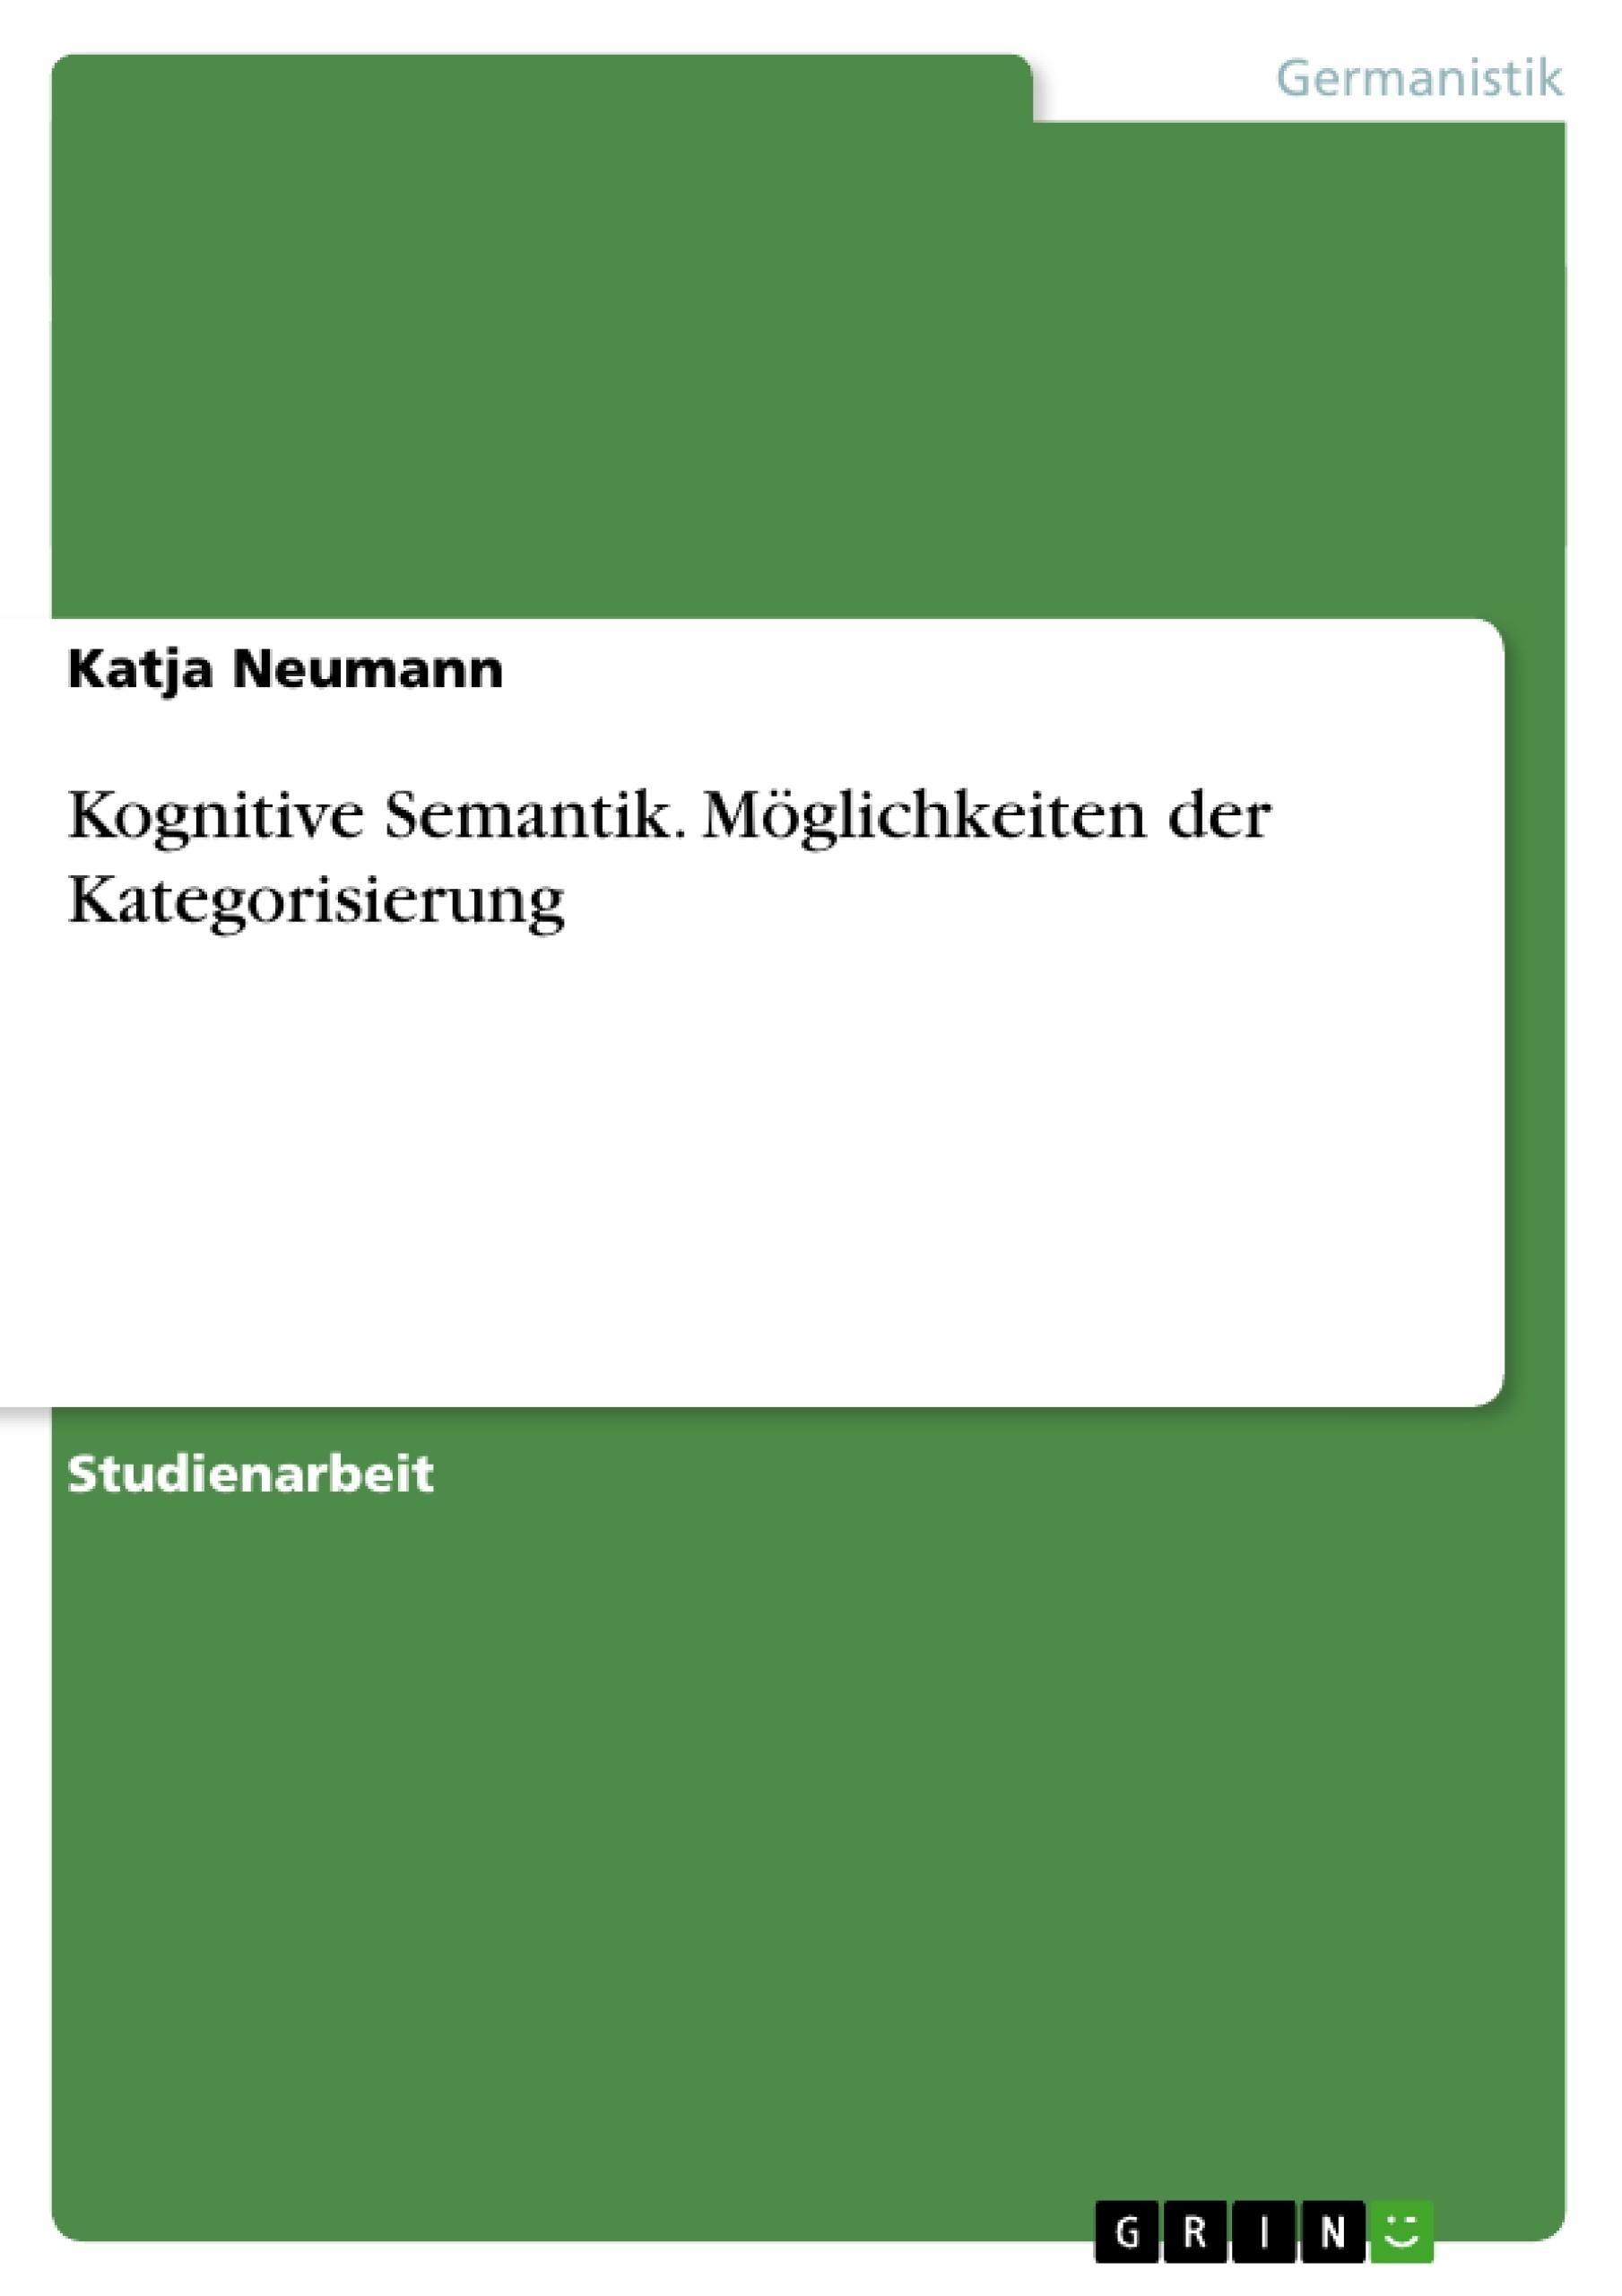 Titel: Kognitive Semantik. Möglichkeiten der Kategorisierung